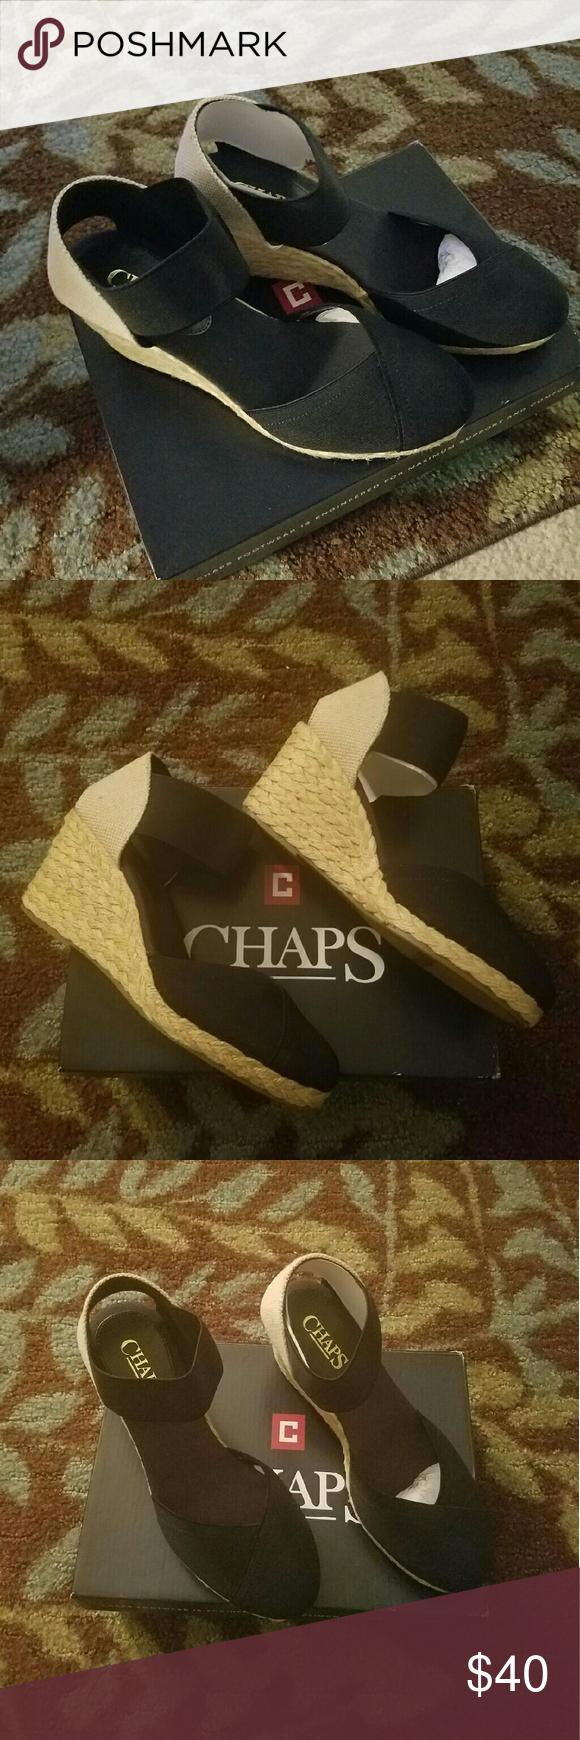 Chaps Espadrille Sandal Brand new, never worn.  Black size 6 Chaps Shoes Espadrilles